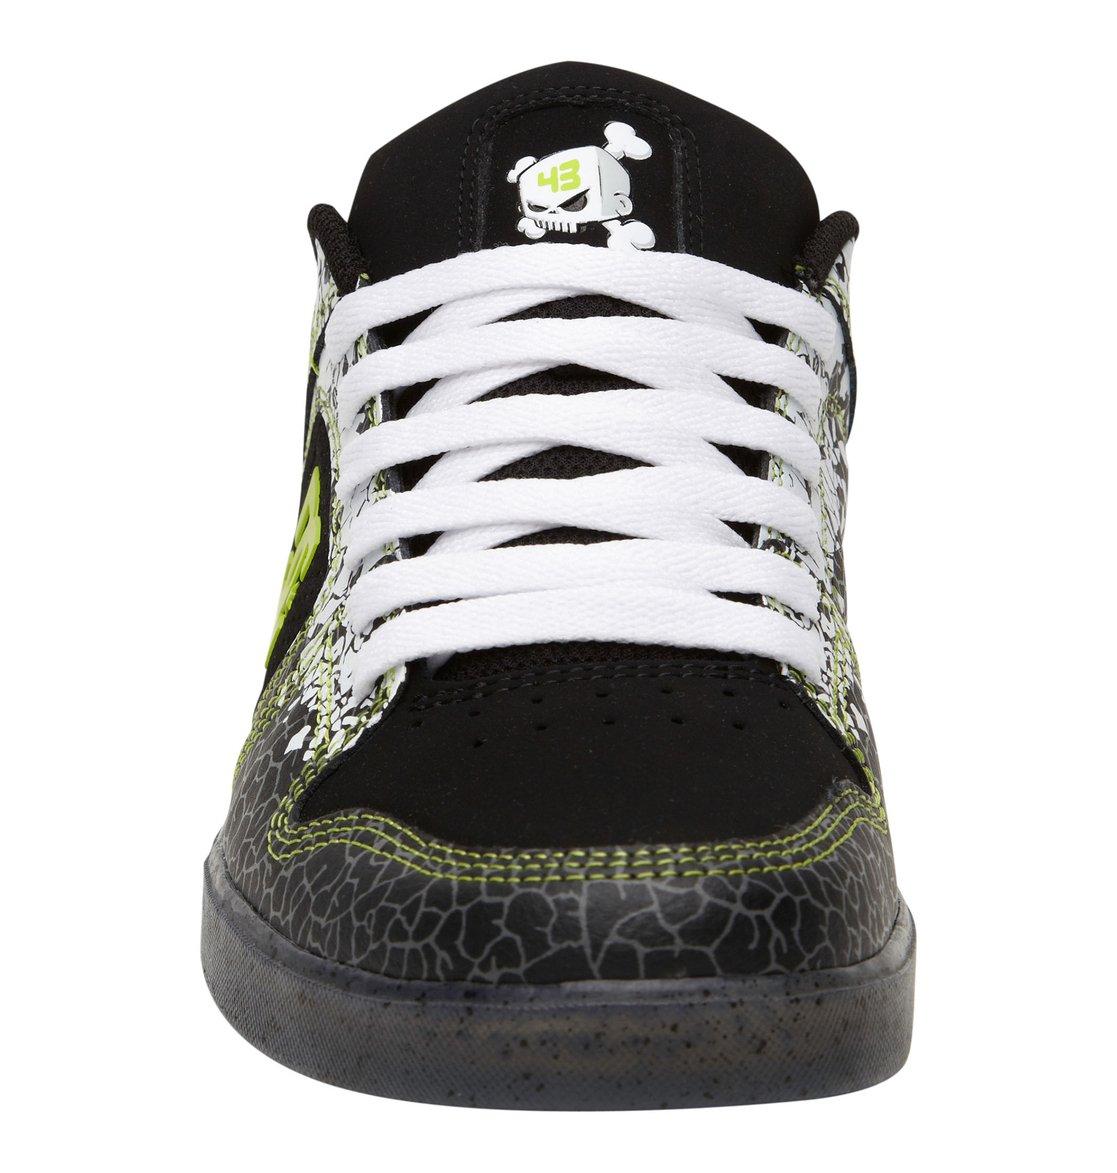 buy online 9d545 4999b Men's Ken Block Union Shoes 303407 | DC Shoes